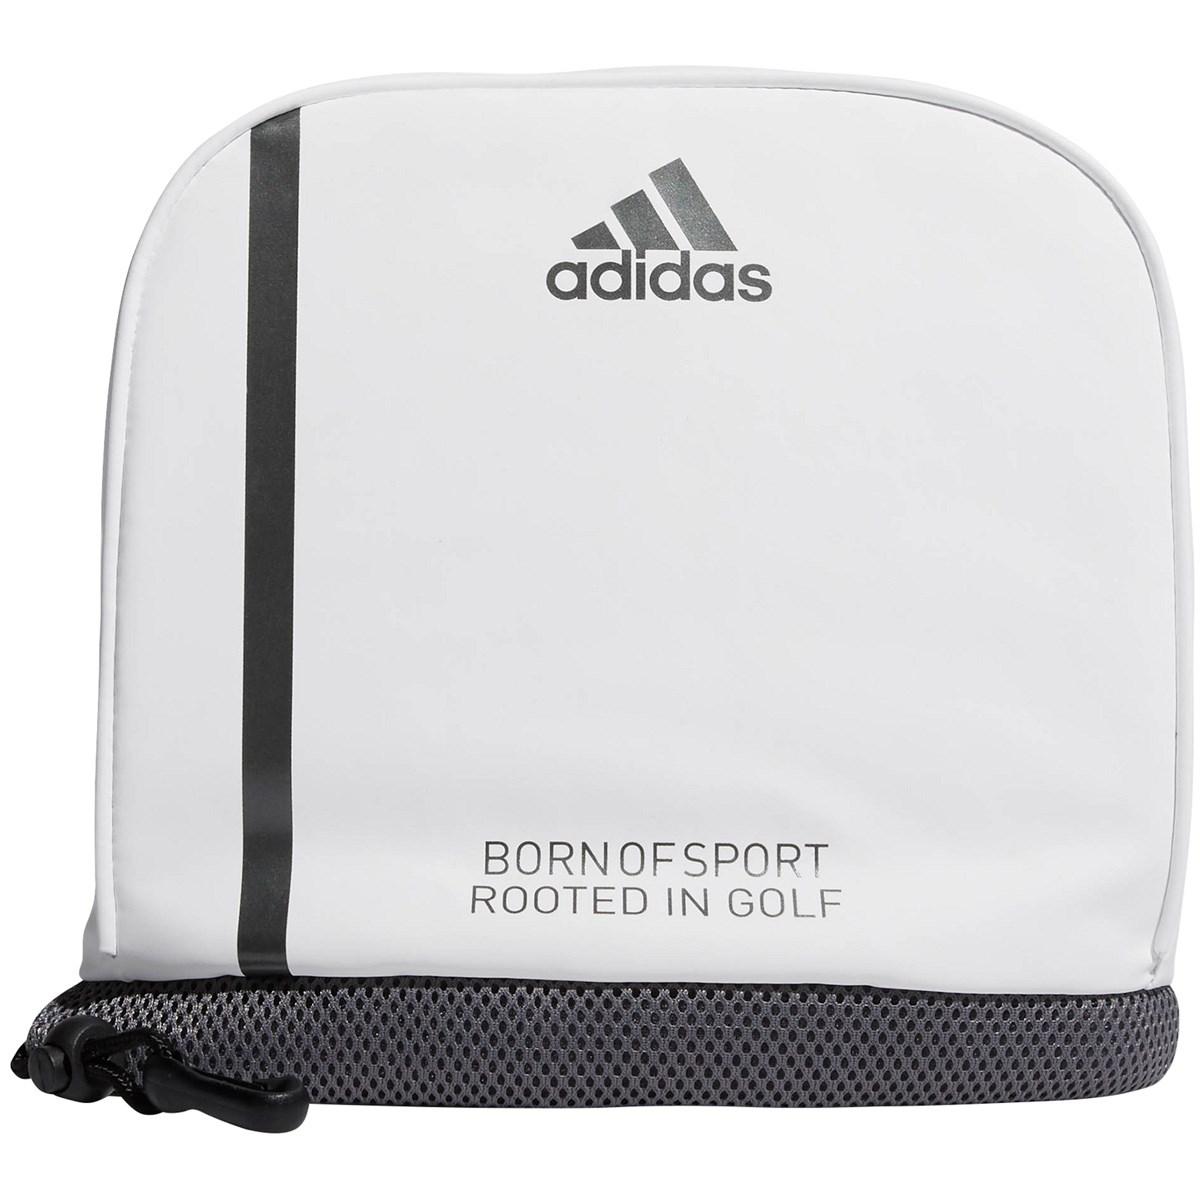 [2019年モデル] アディダス adidas マット アイアンカバー ホワイト メンズ ゴルフ